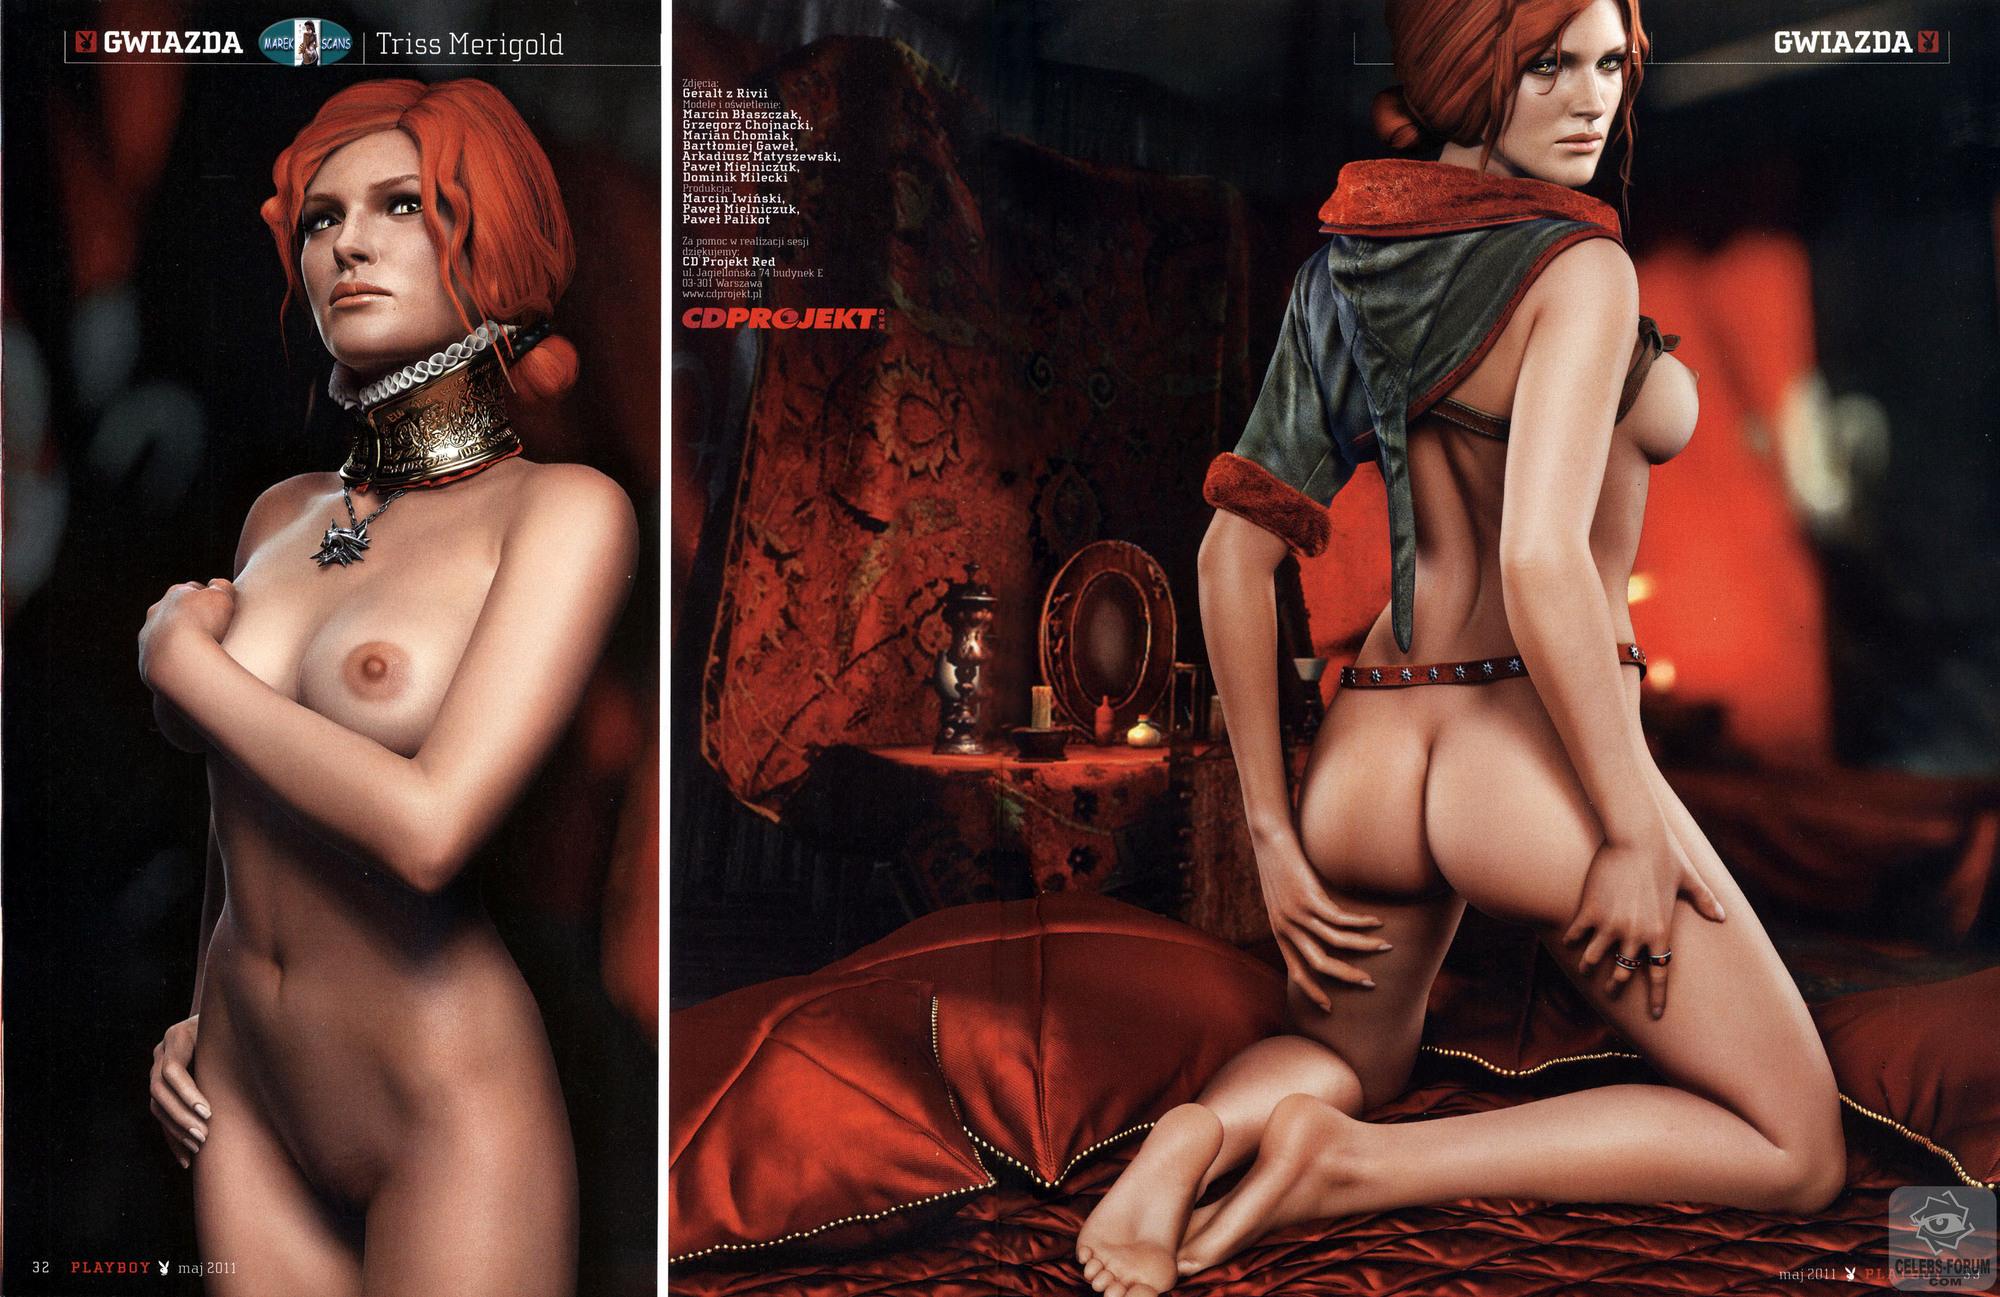 Порно в ведьмаке очень красивые фоточки - promstroy-nsk.ru